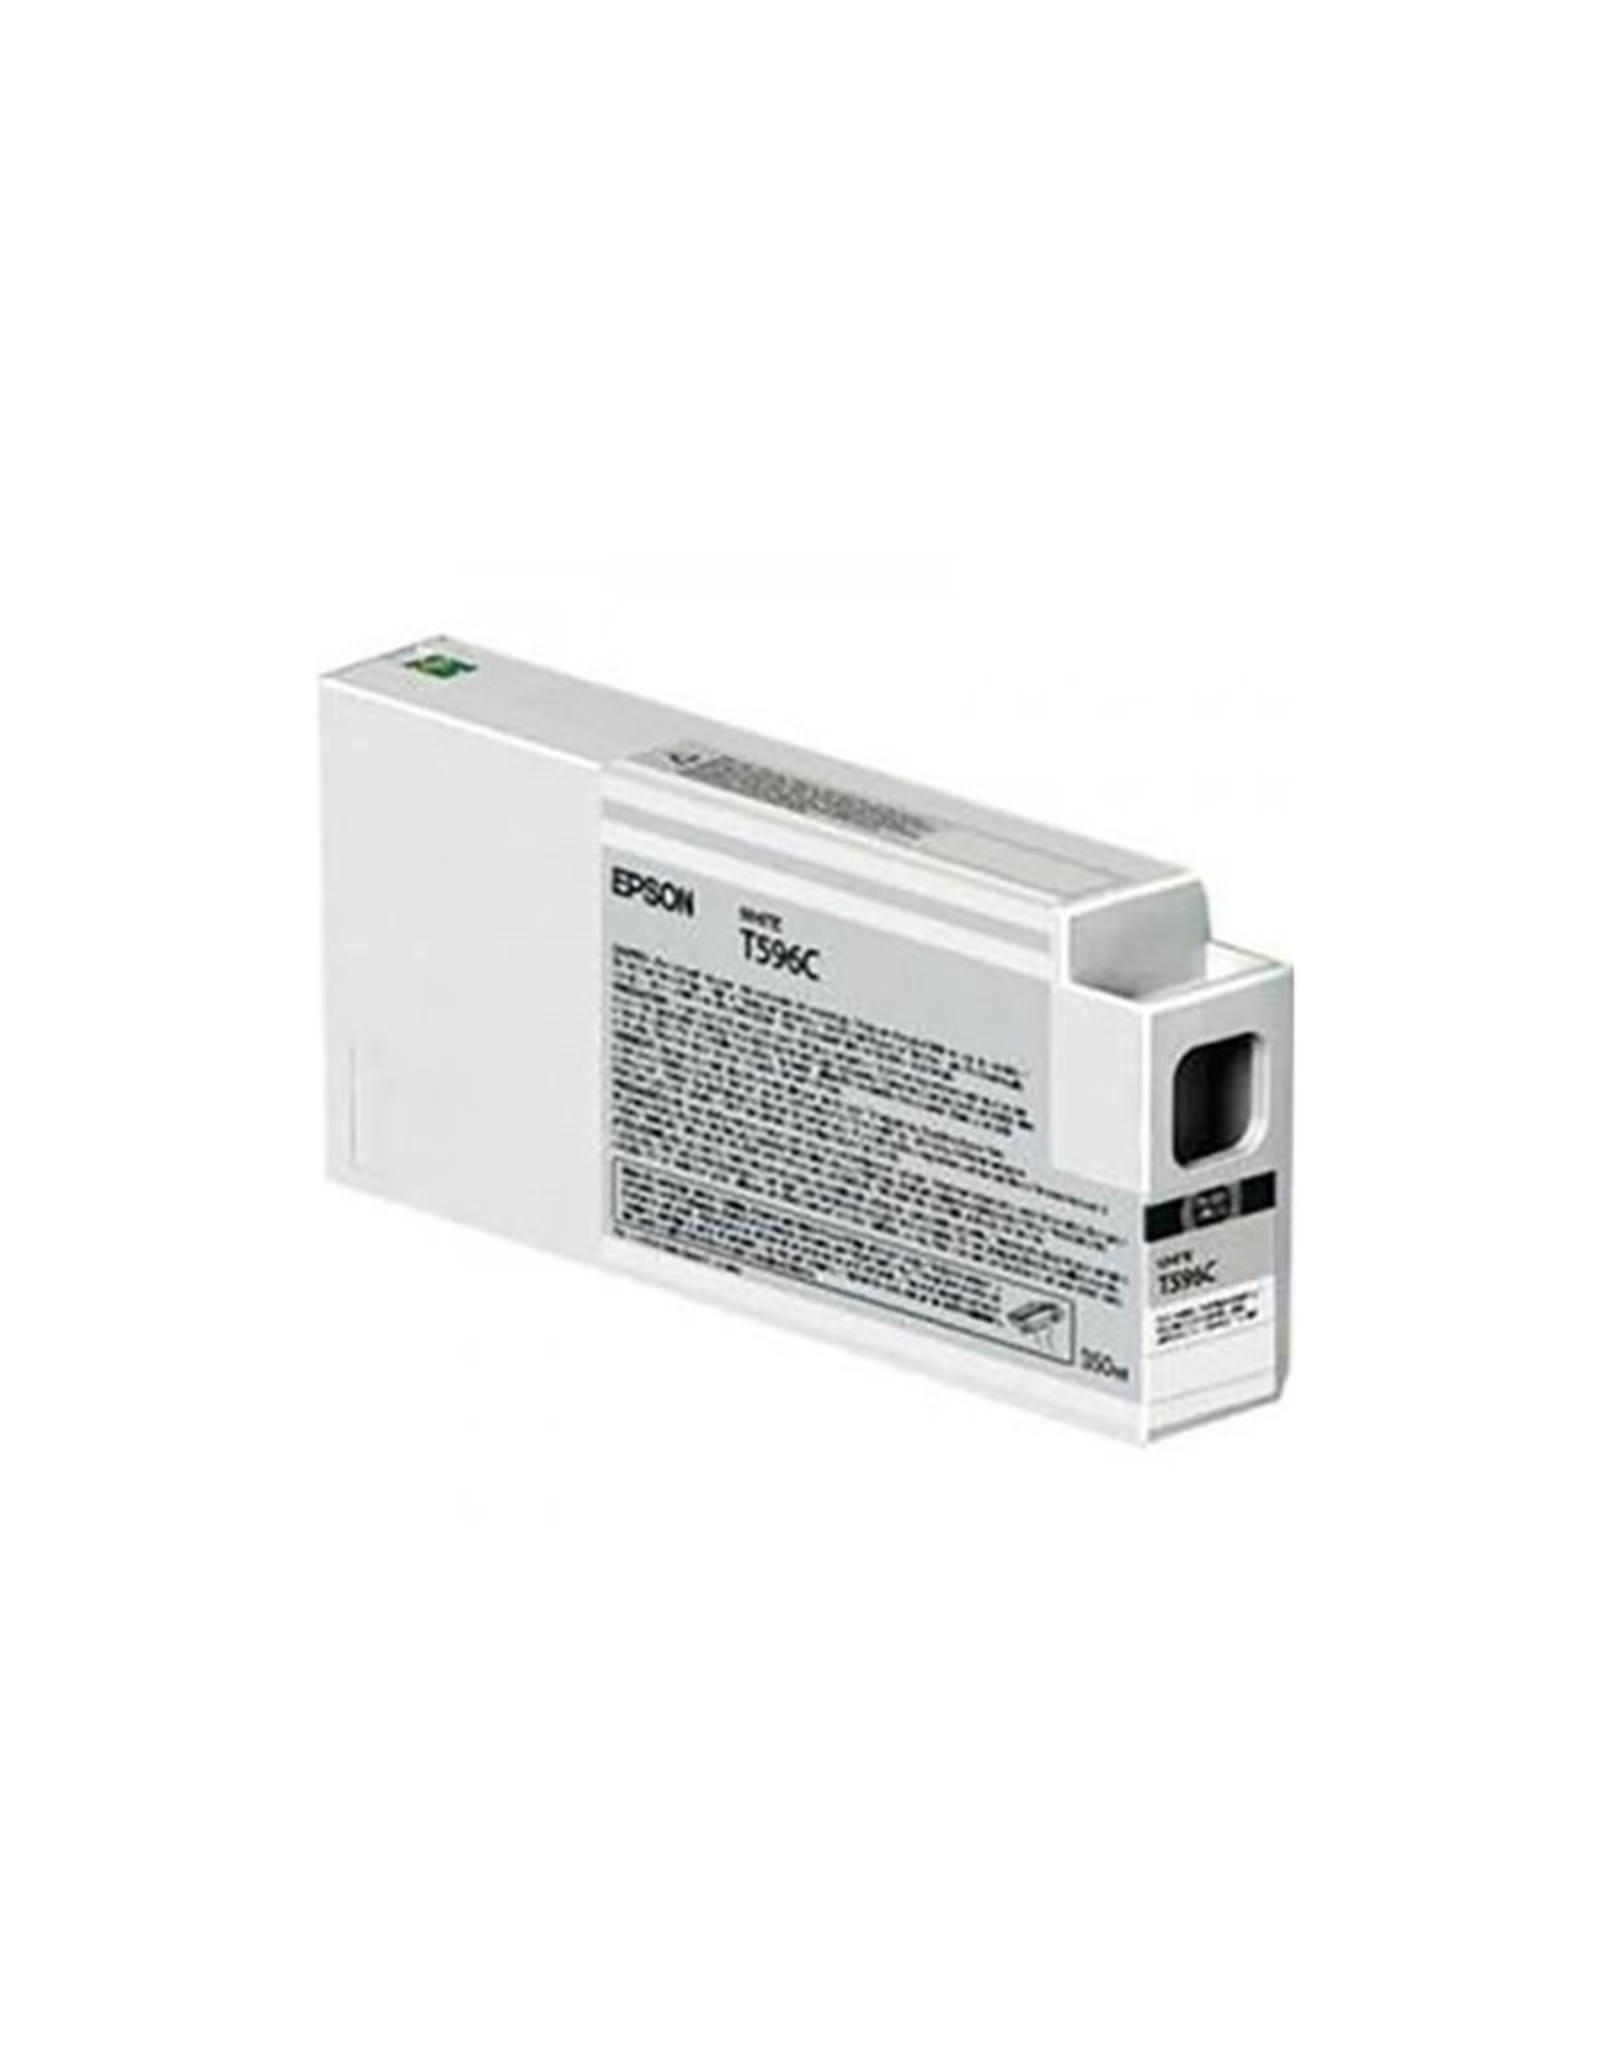 Epson Epson White Ultrachrome HDR Ink for 9900 - 350ml cartridges